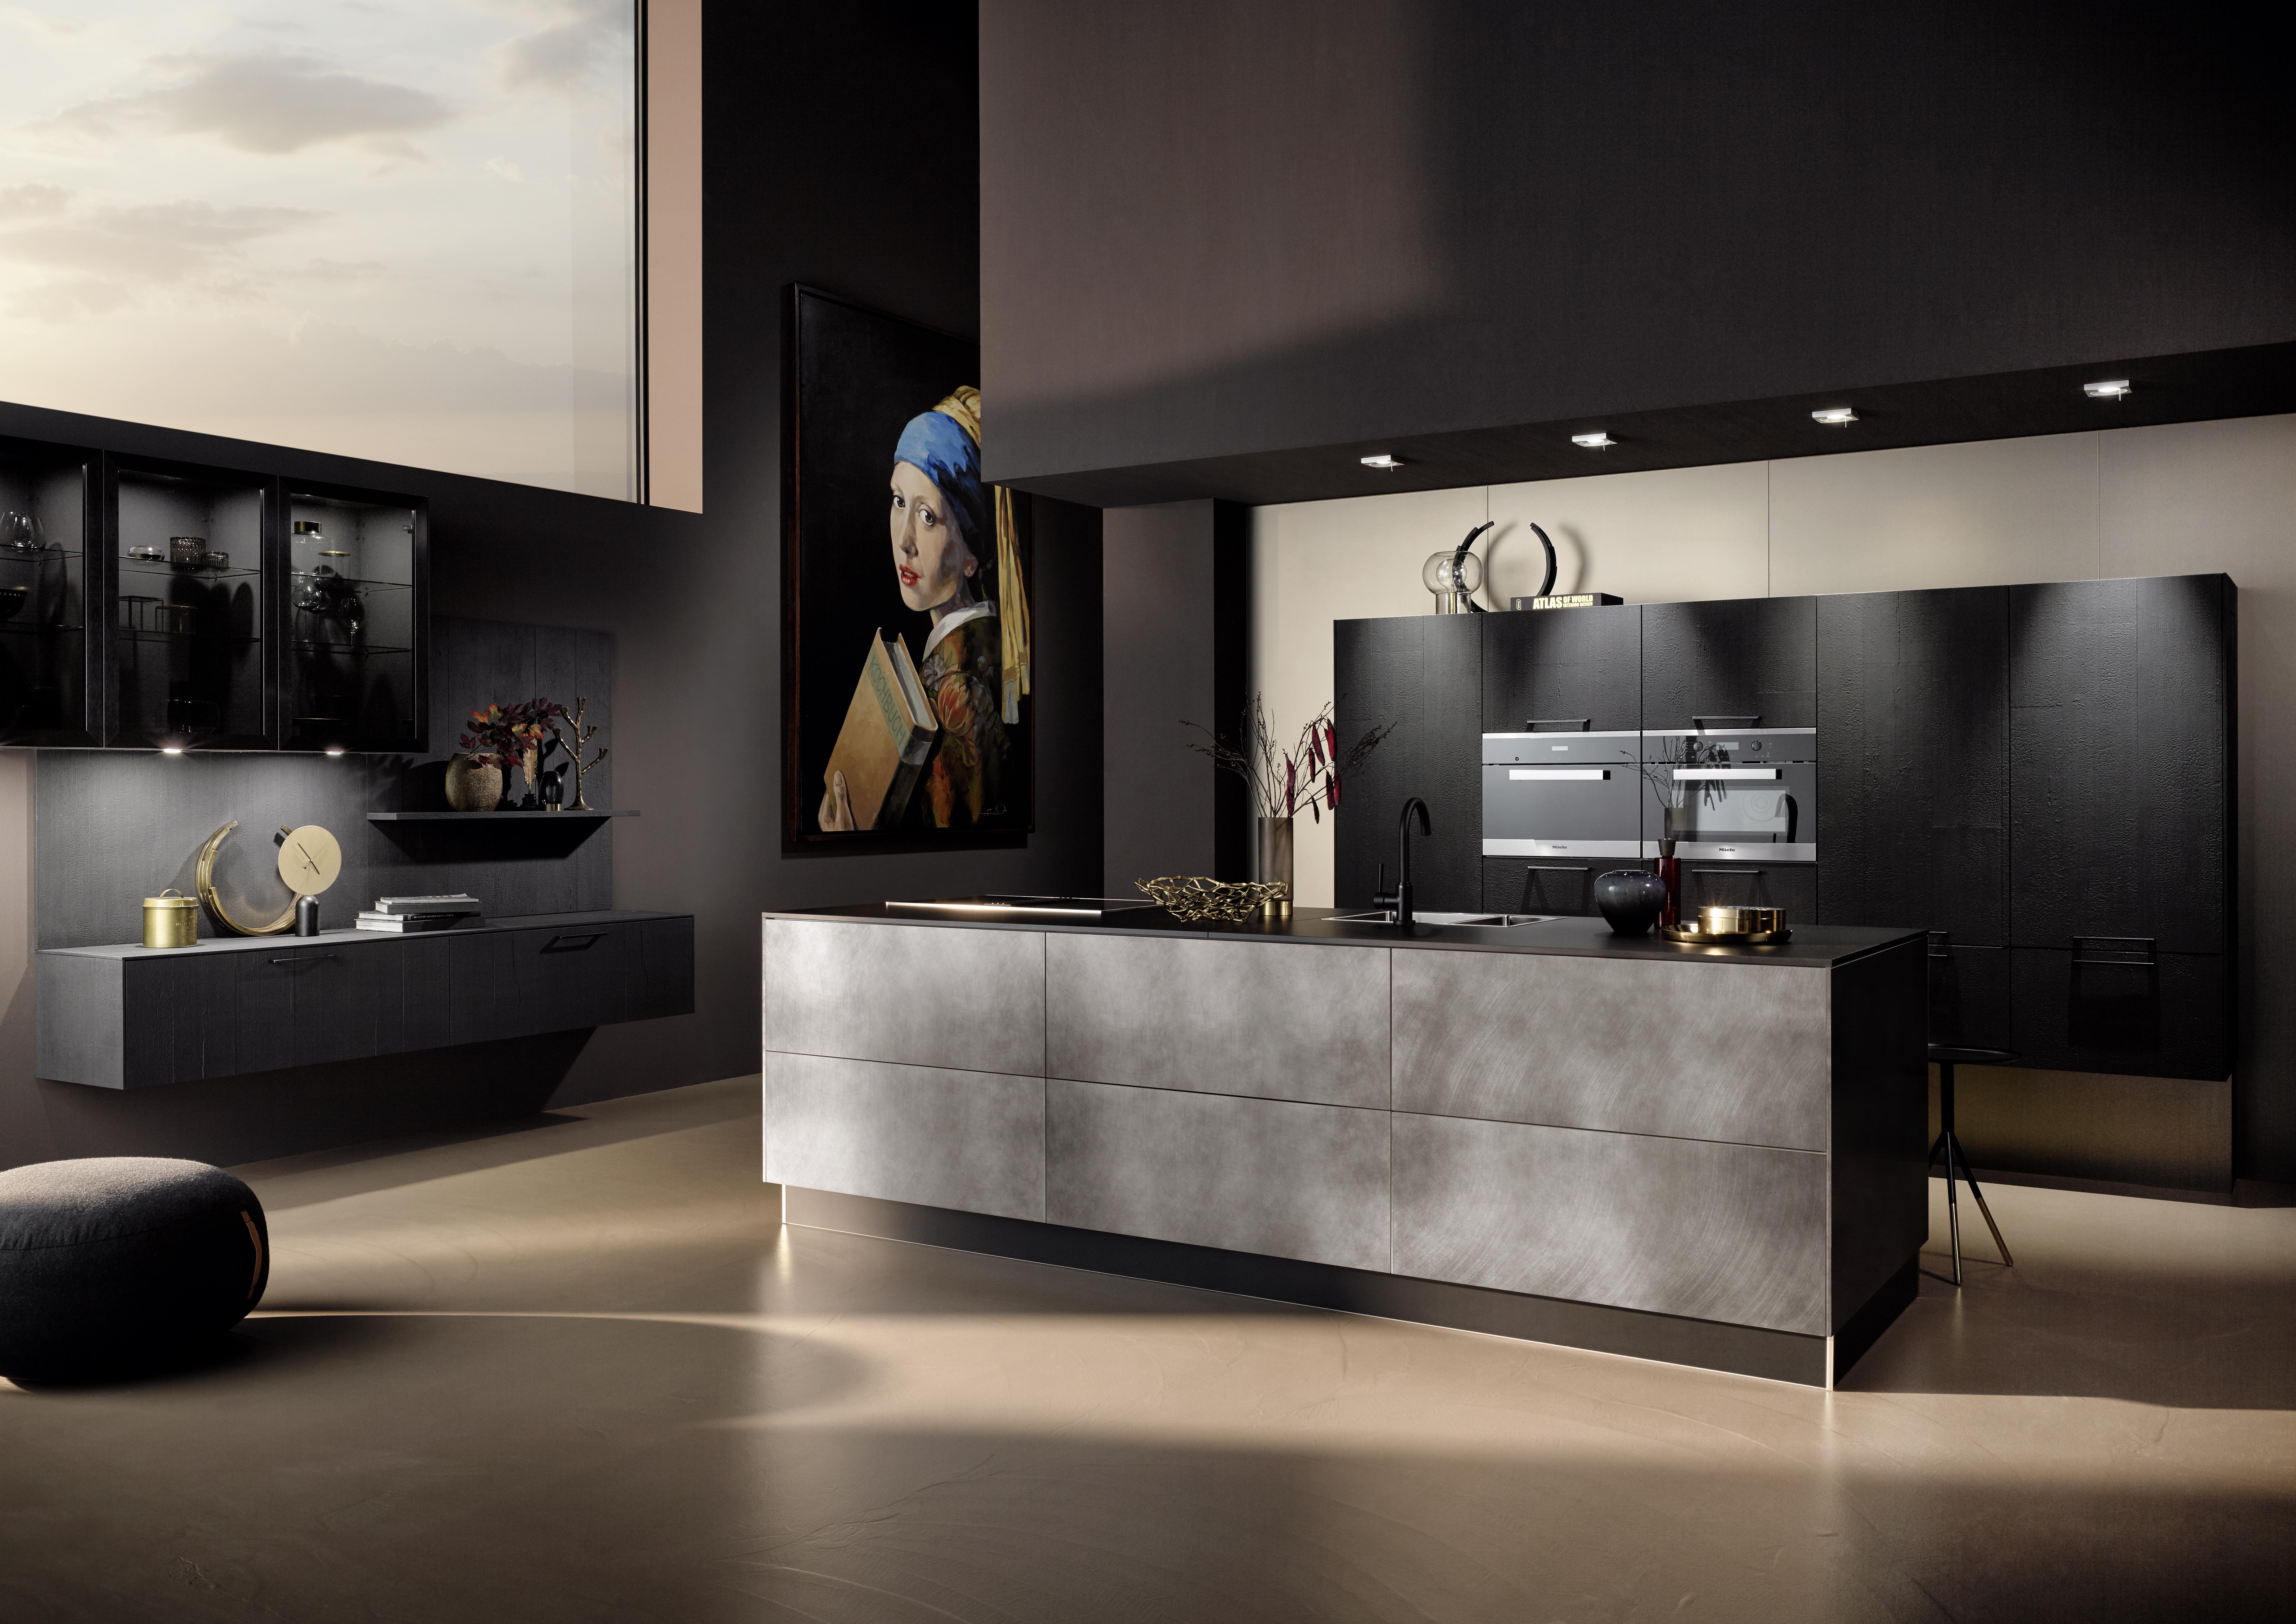 Küchen im Stil der 21er Jahre   So richten Sie Küchen im Art Deco ...